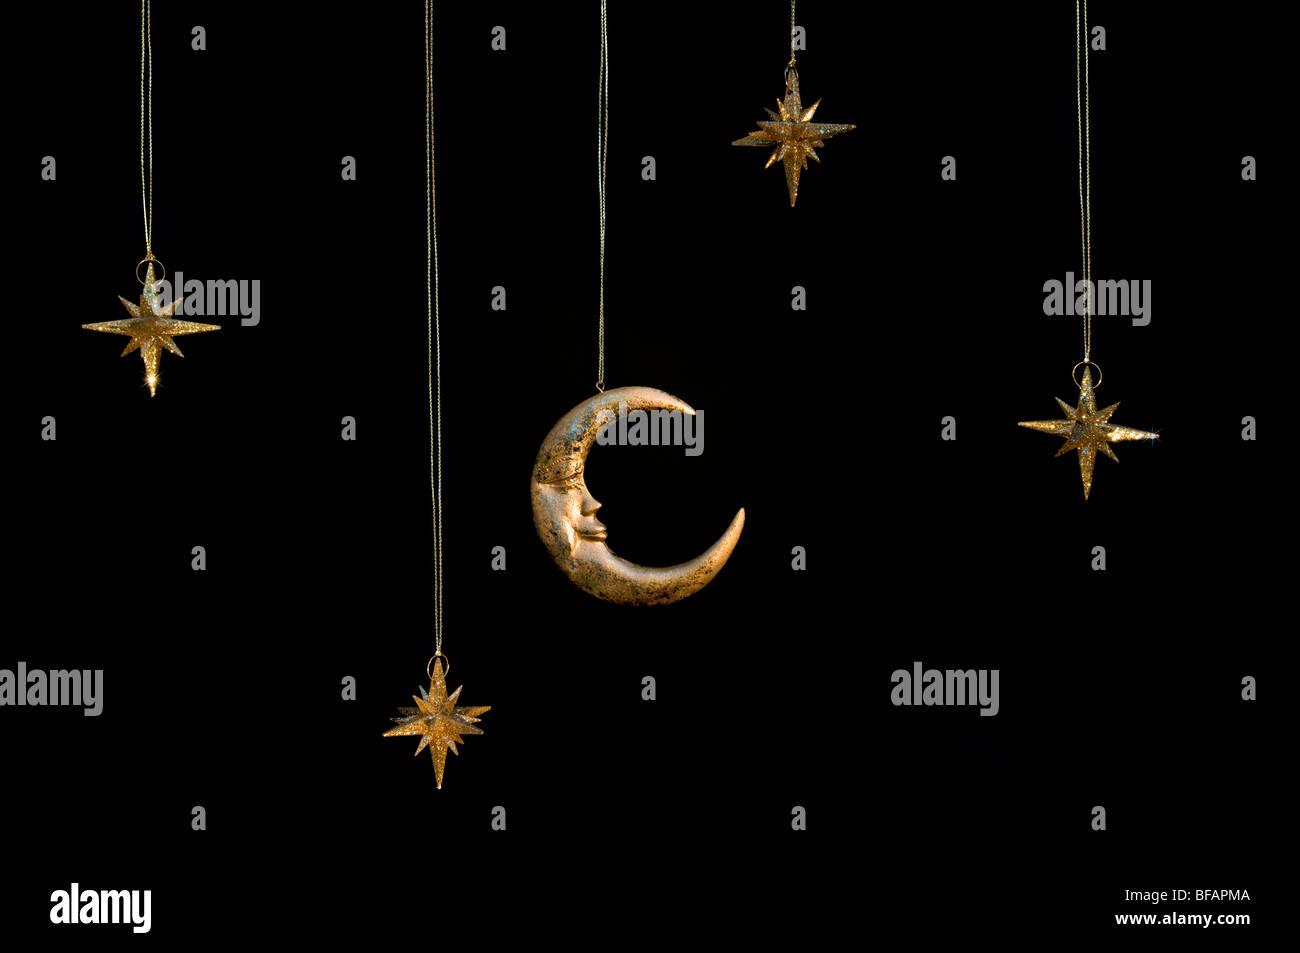 La luna y las estrellas brillantes de oro brillante colgando decoraciones de navidad contra un fondo negro Foto de stock